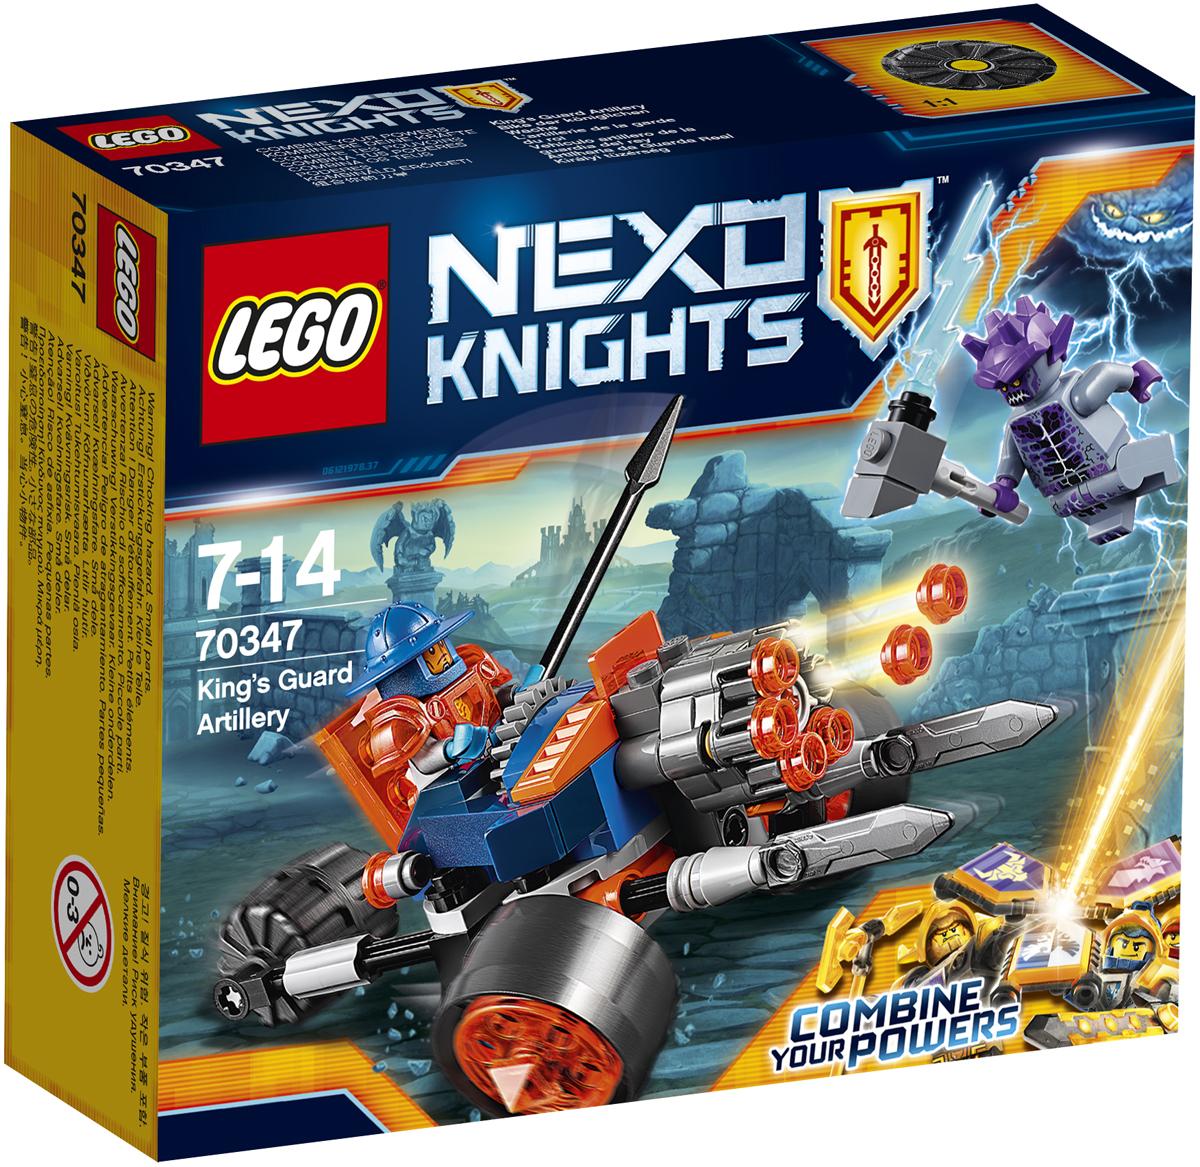 LEGO NEXO KNIGHTS Конструктор Самоходная артиллерийская установка королевской гвардии 70347 lego knights купить